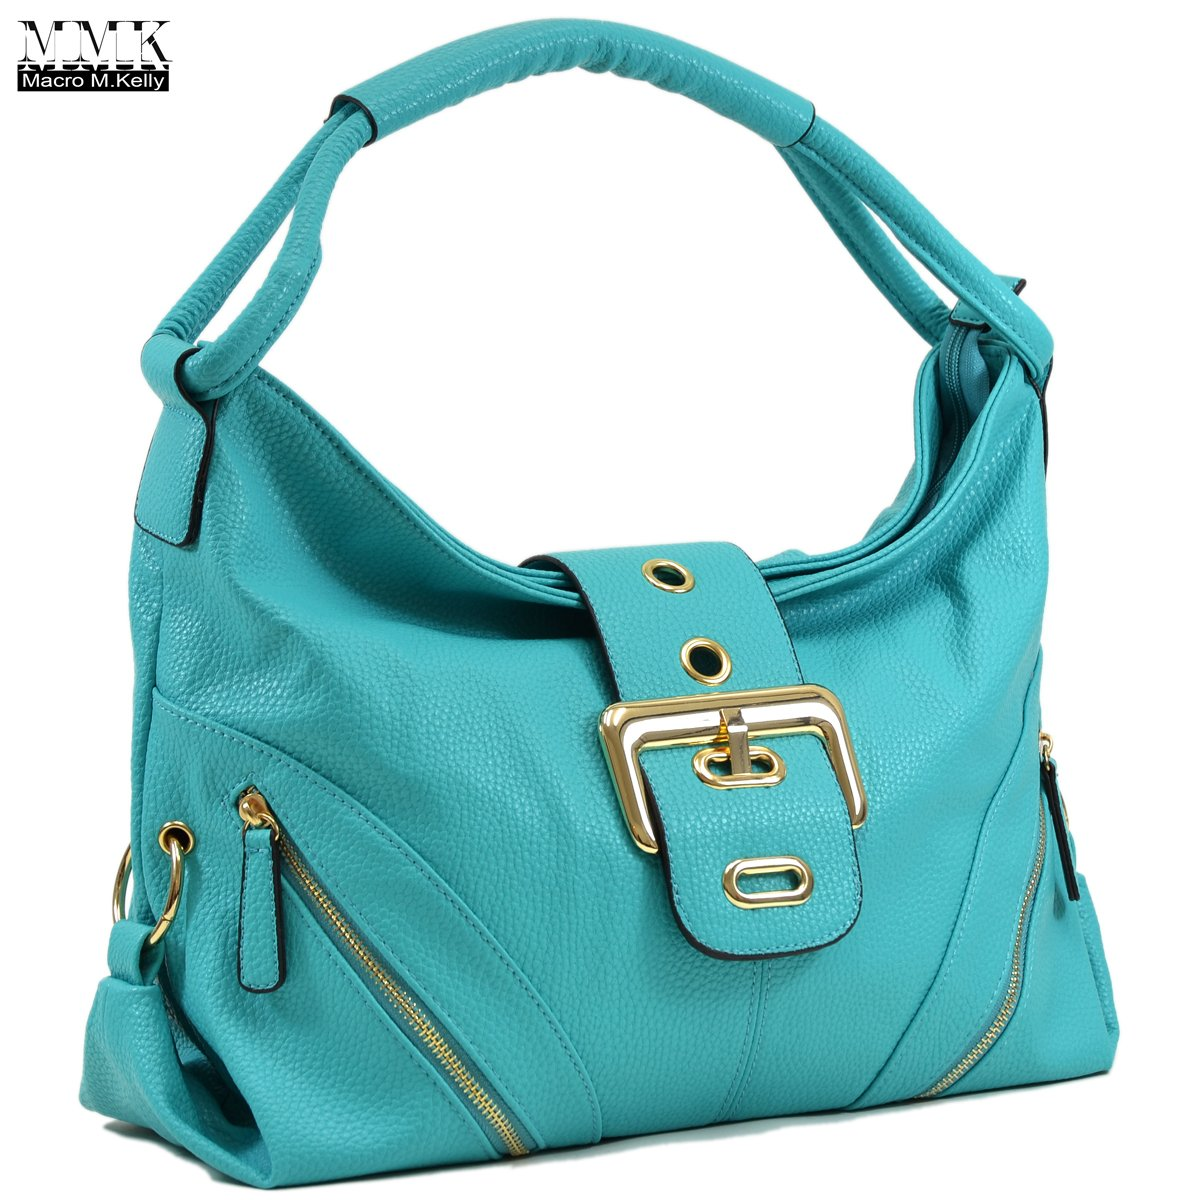 MMK collection Women Fashion Shoulder Backpack (6331)~Designer Purse Hobo bag for Women ~Multi Pocket Backpack~ Beautiful Designer Shoulder bag (02-8262-Turquoise)